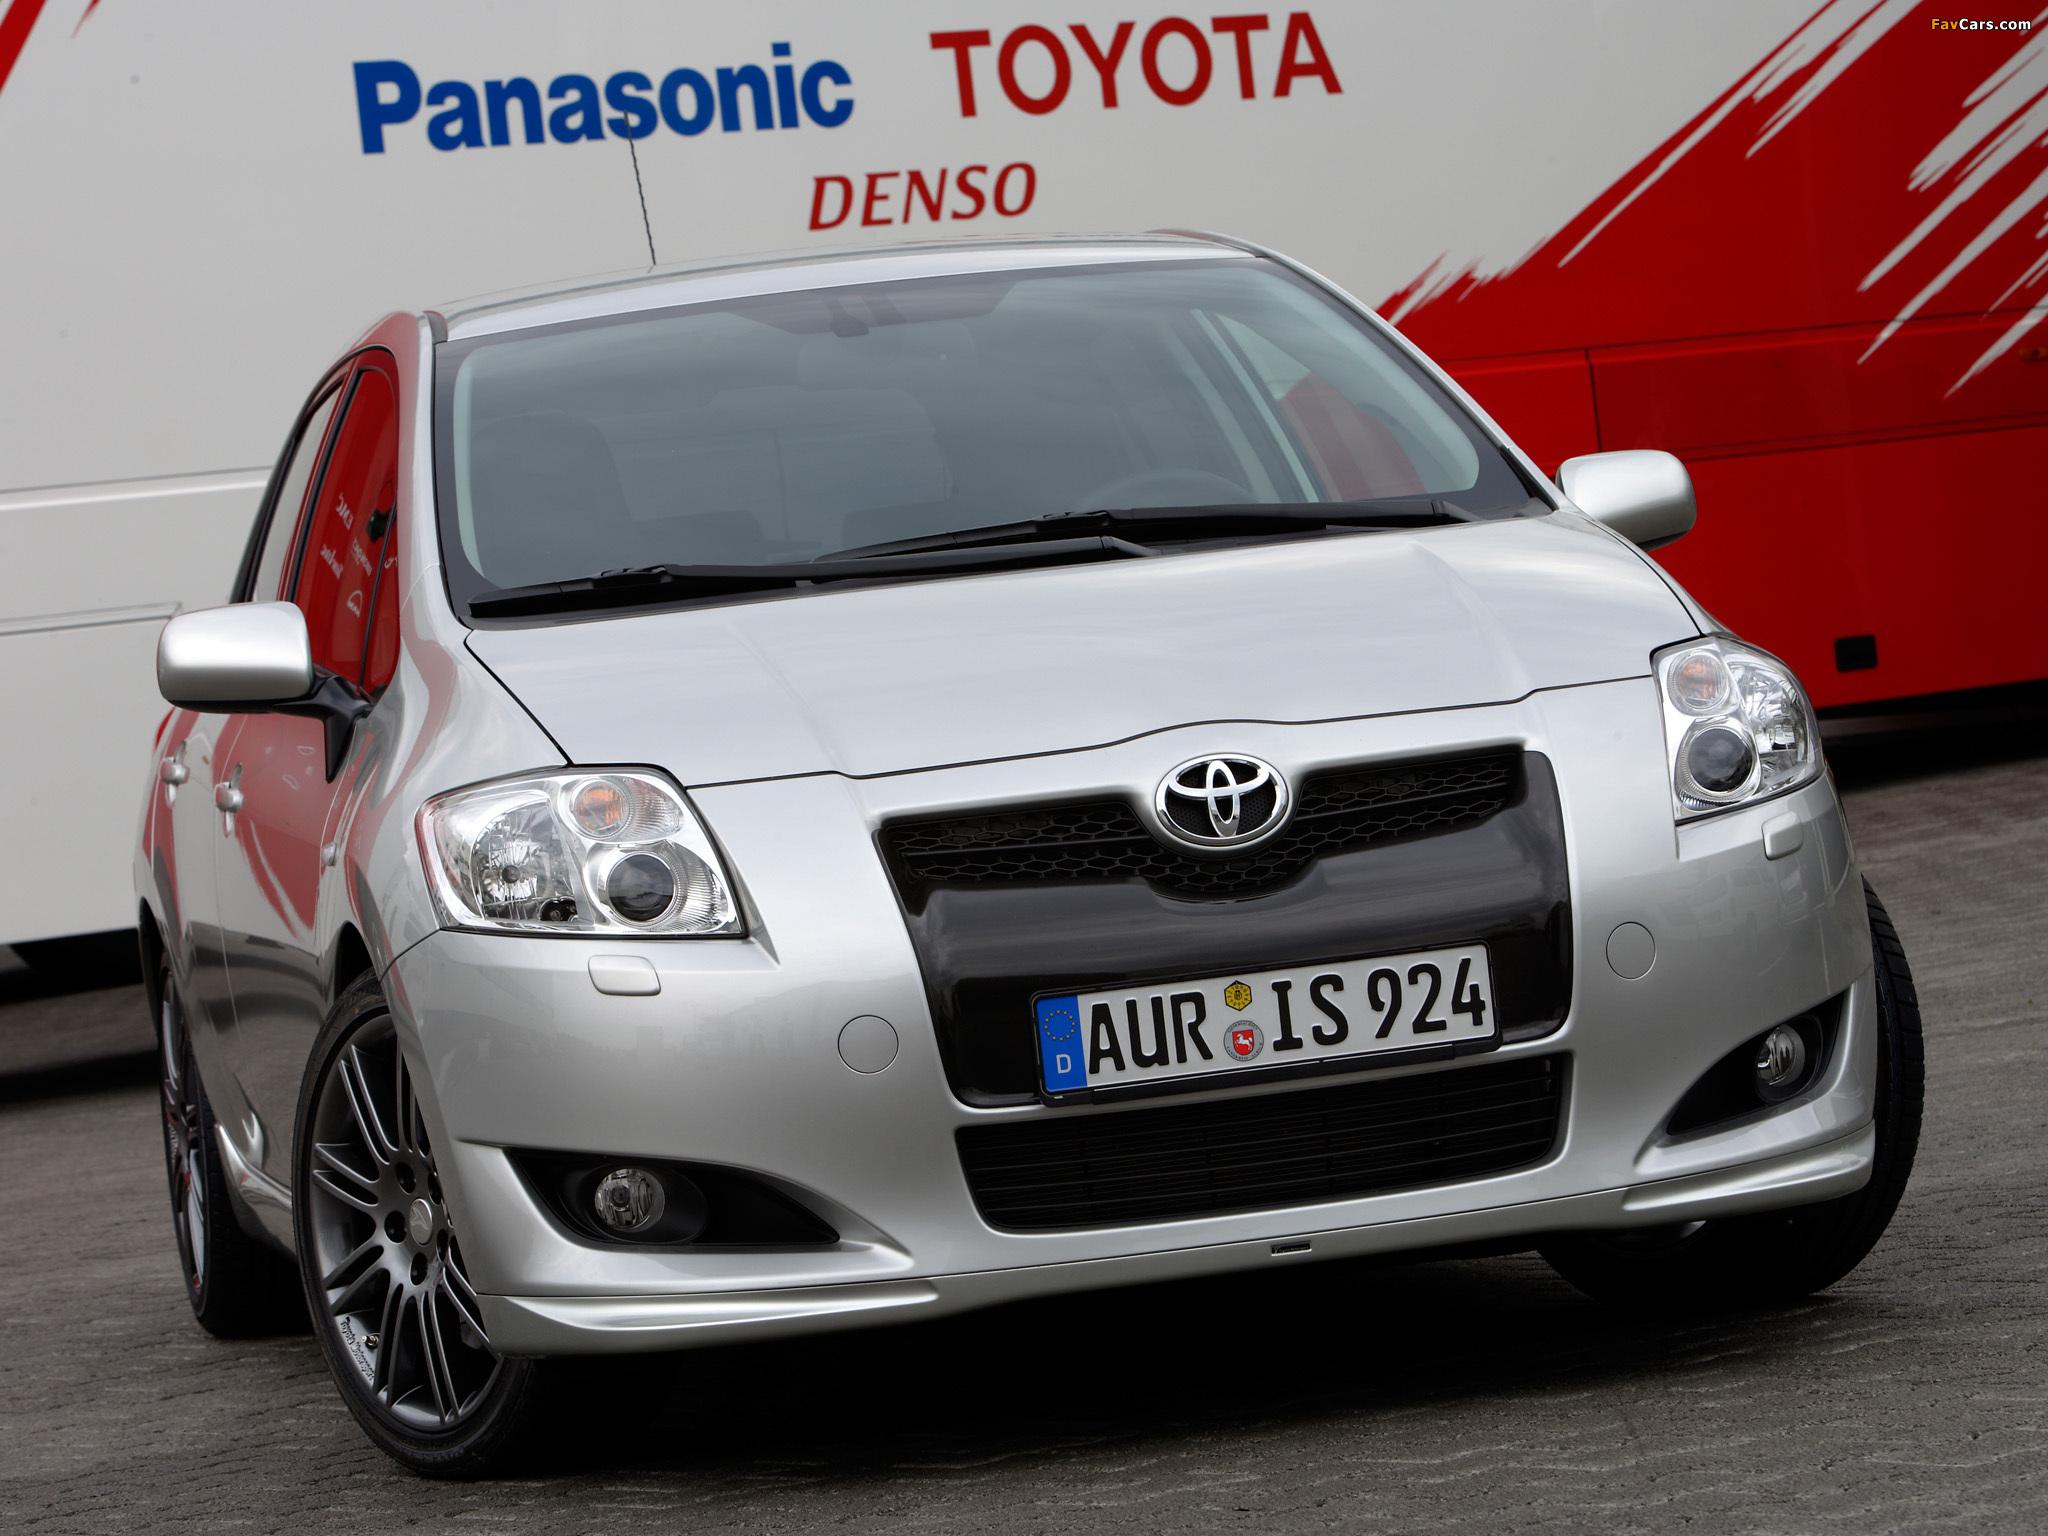 Toyota Auris технические характеристики : Тойота Центр ...